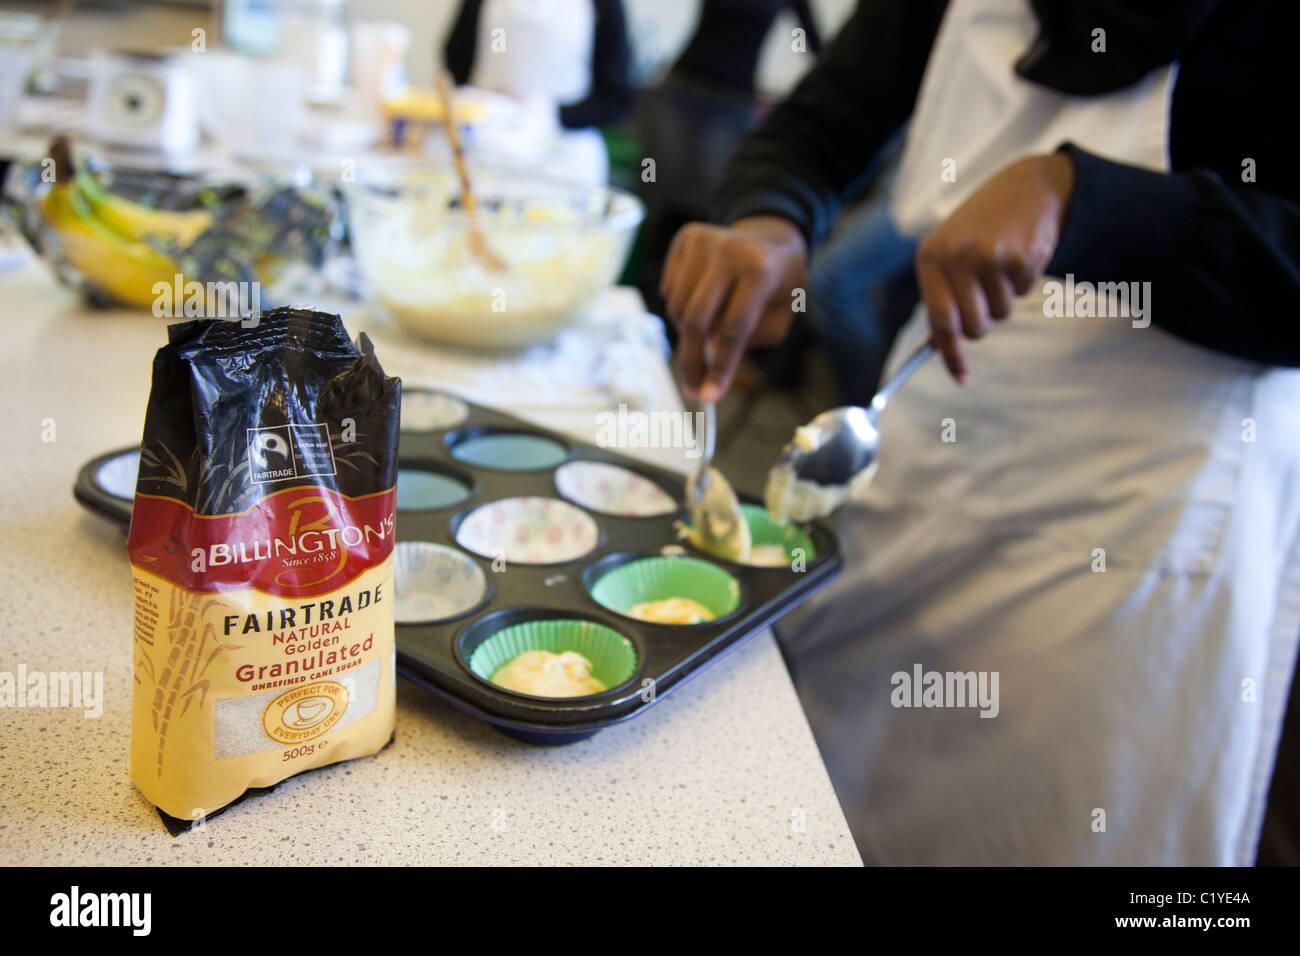 """La cottura di fairtrade """"commercio equo e solidale """" prodotti Immagini Stock"""